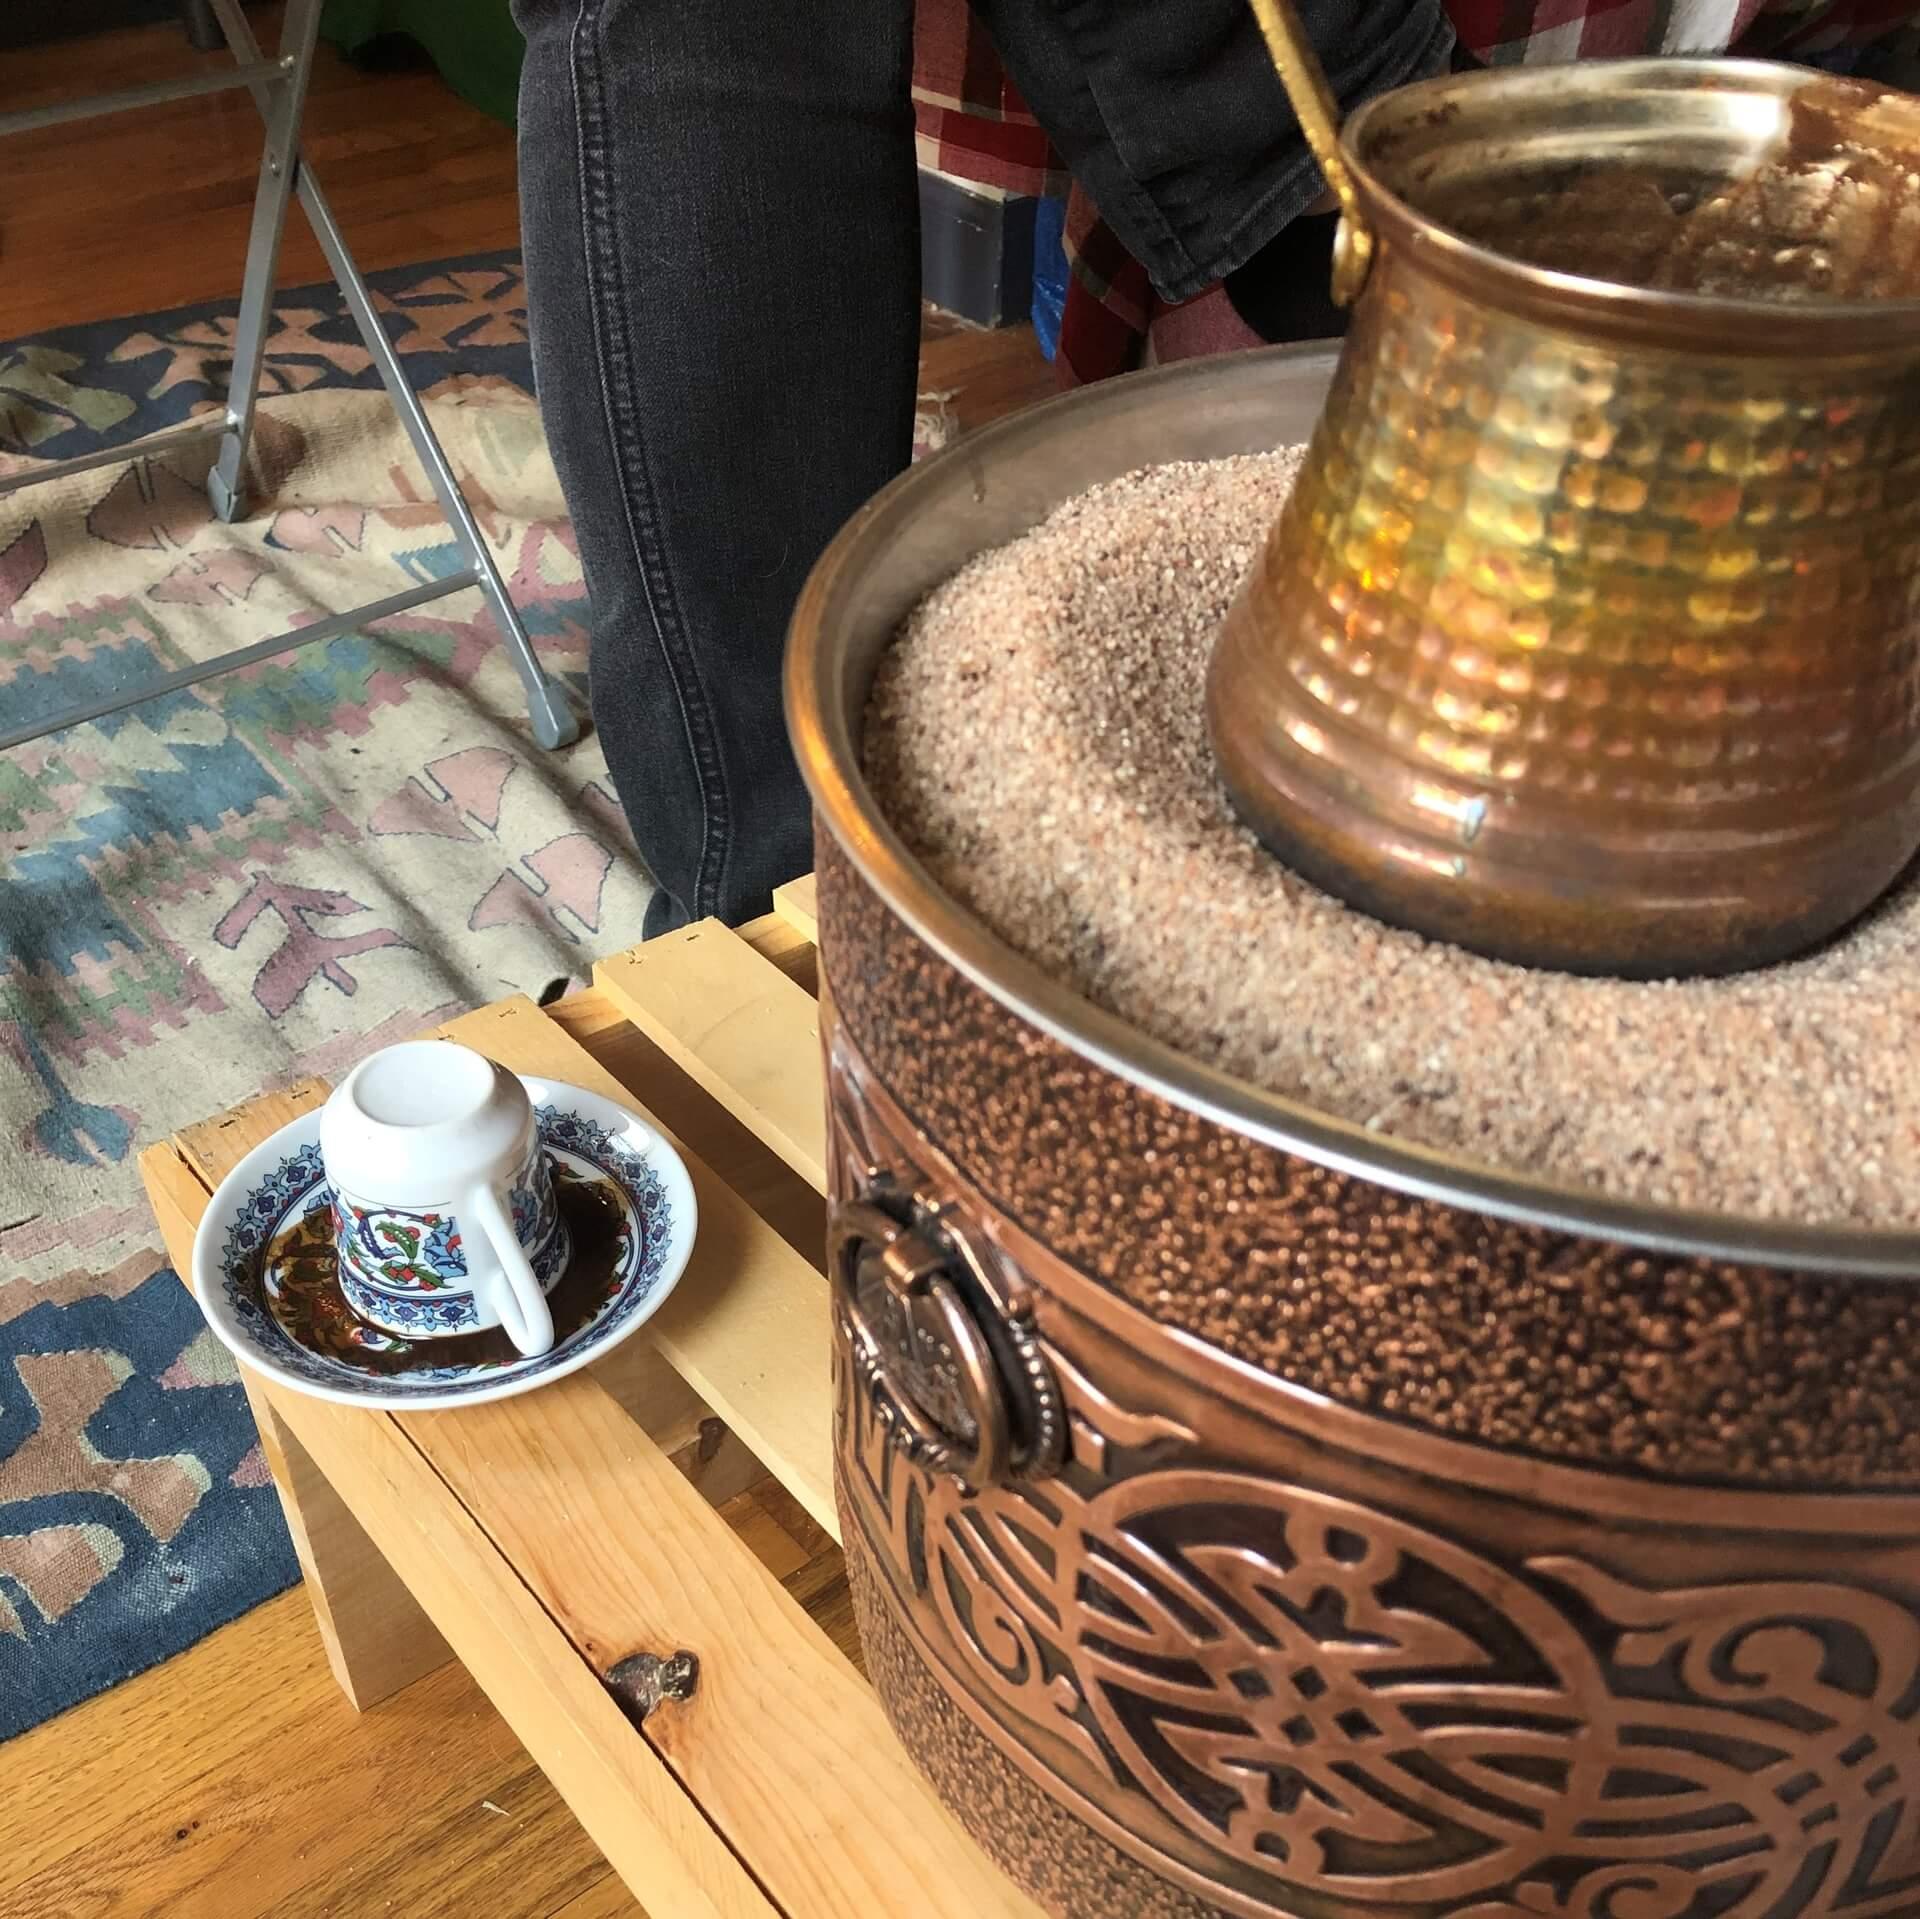 Imagem: A tradição da leitura da borra do café: Xícara virada com restante do líquido escorrendo, para depois fazer a leitura.